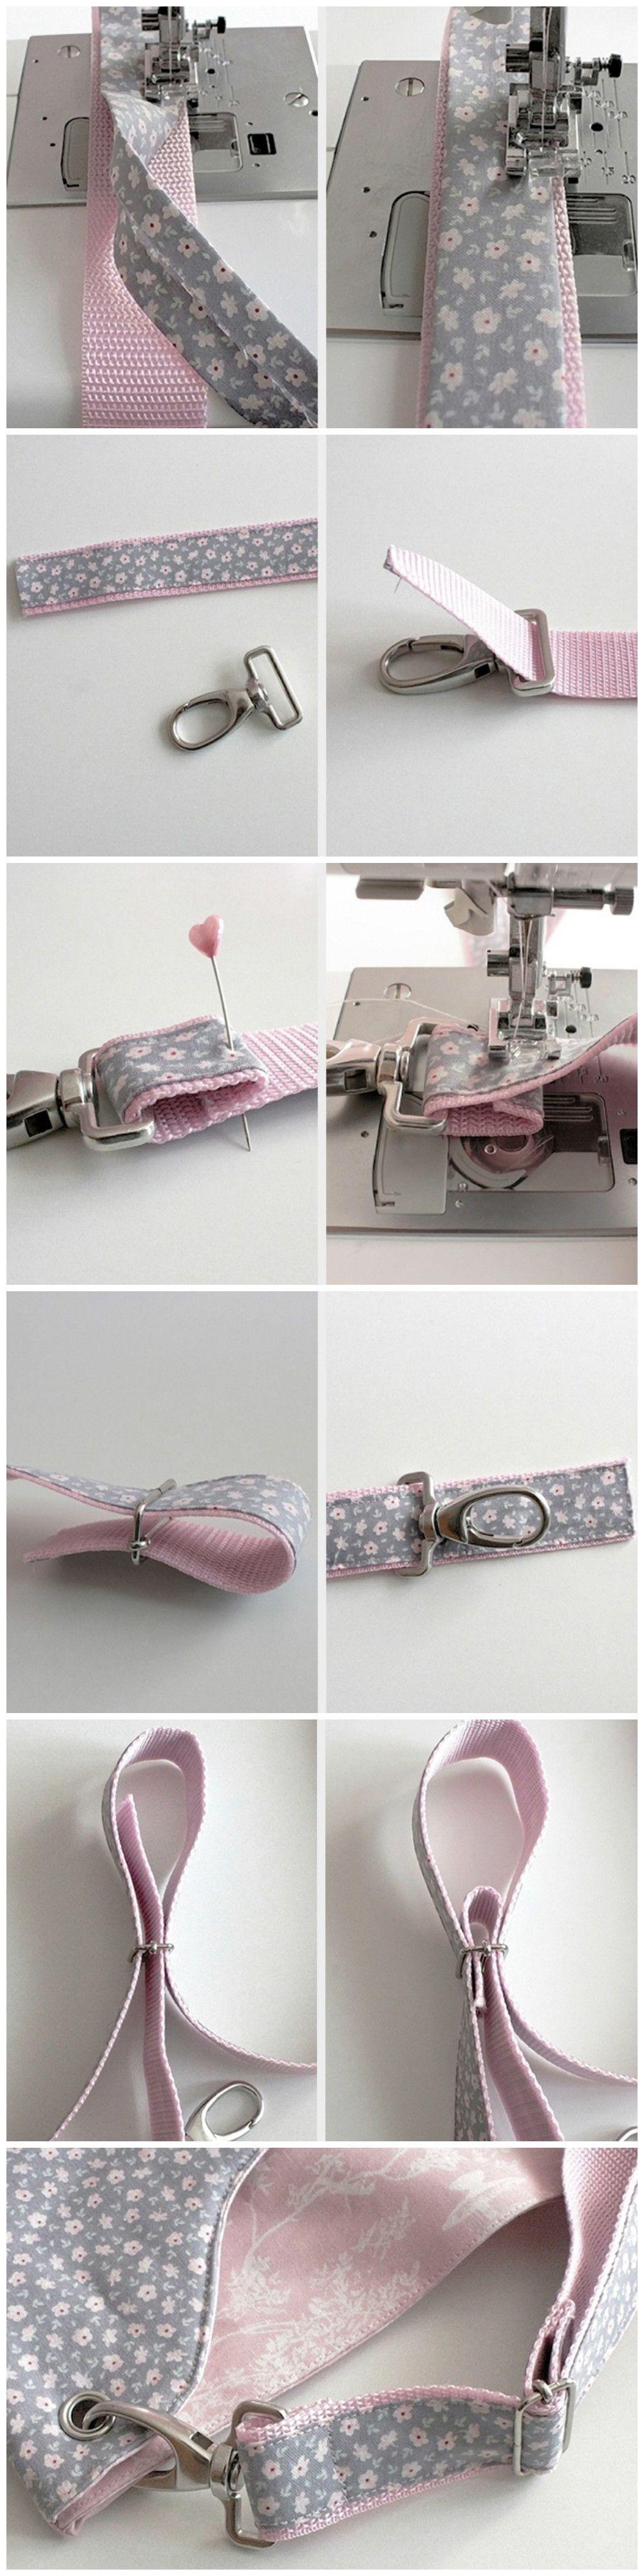 Tutoriales DIY: Cómo hacer las asas de un bolso vía DaWanda.com ...